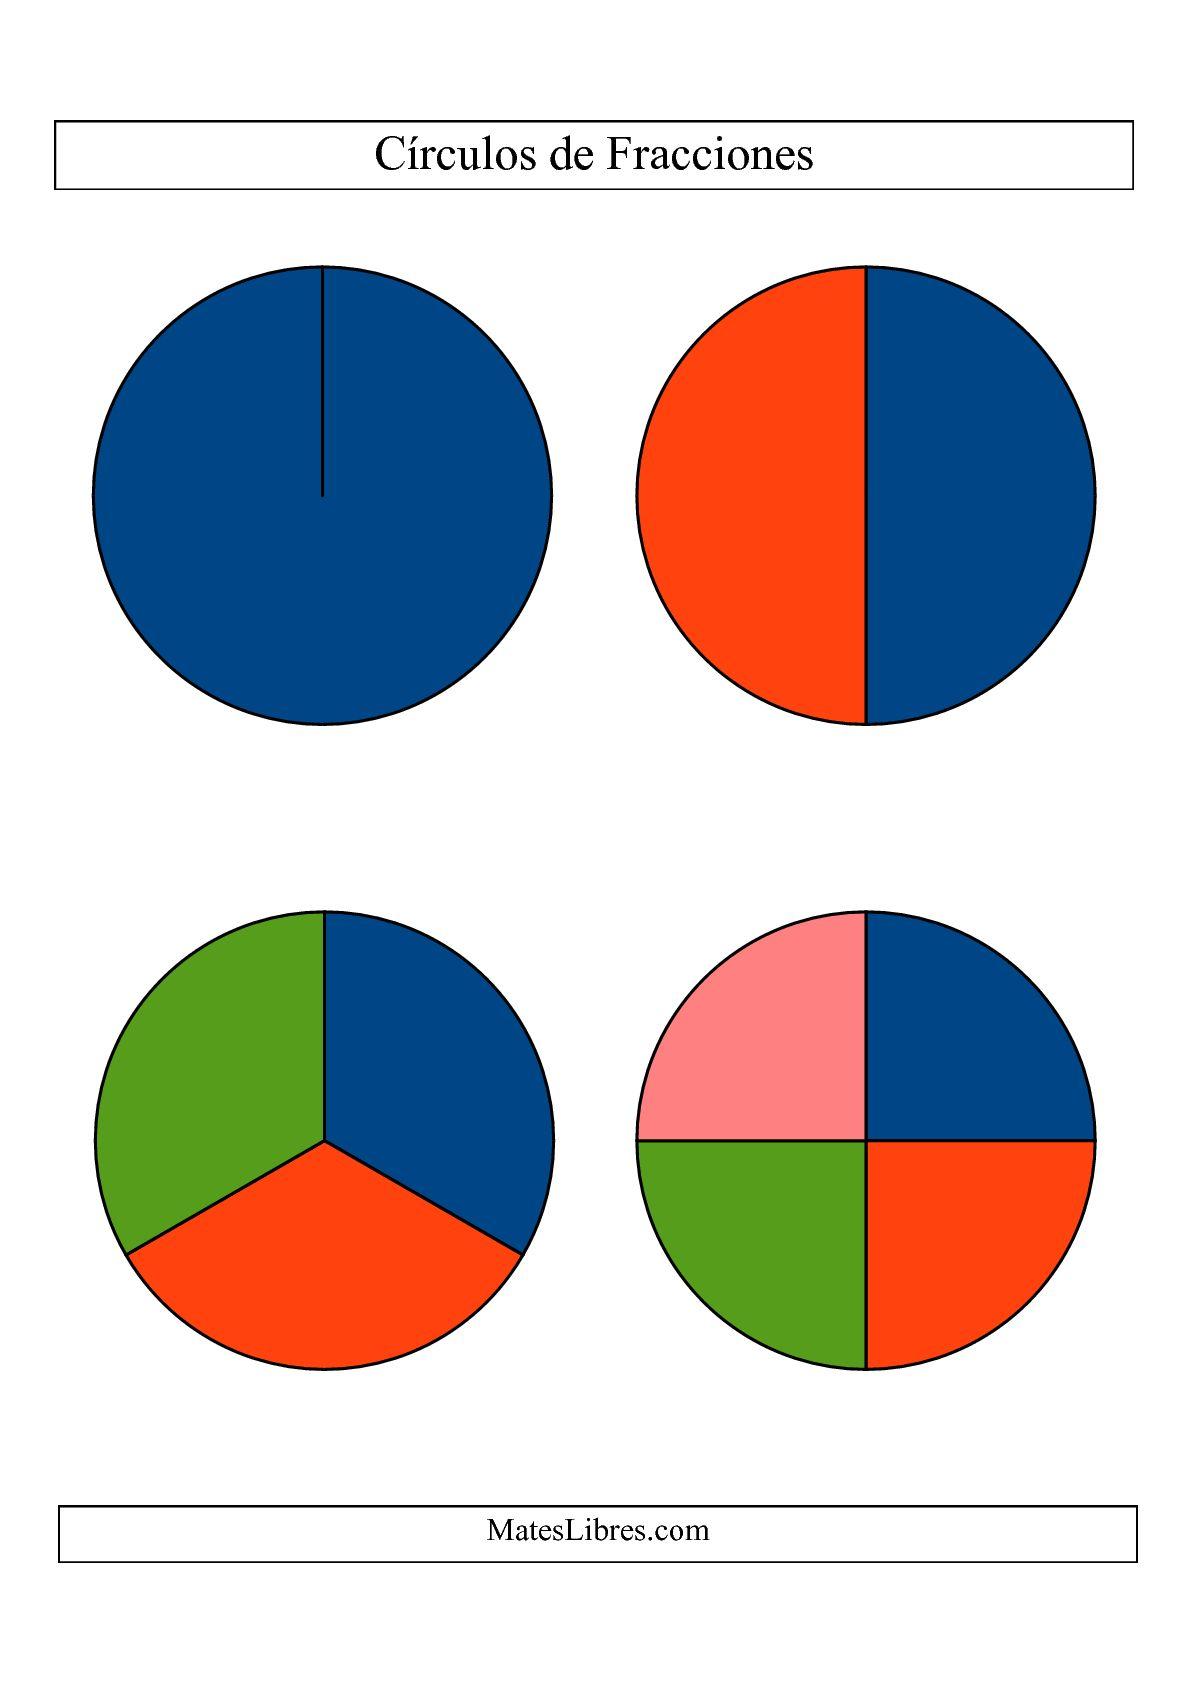 La Todos los Círculos de Fracciones sin Etiquetas (Todas) Hoja de Ejercicio de Fracciones